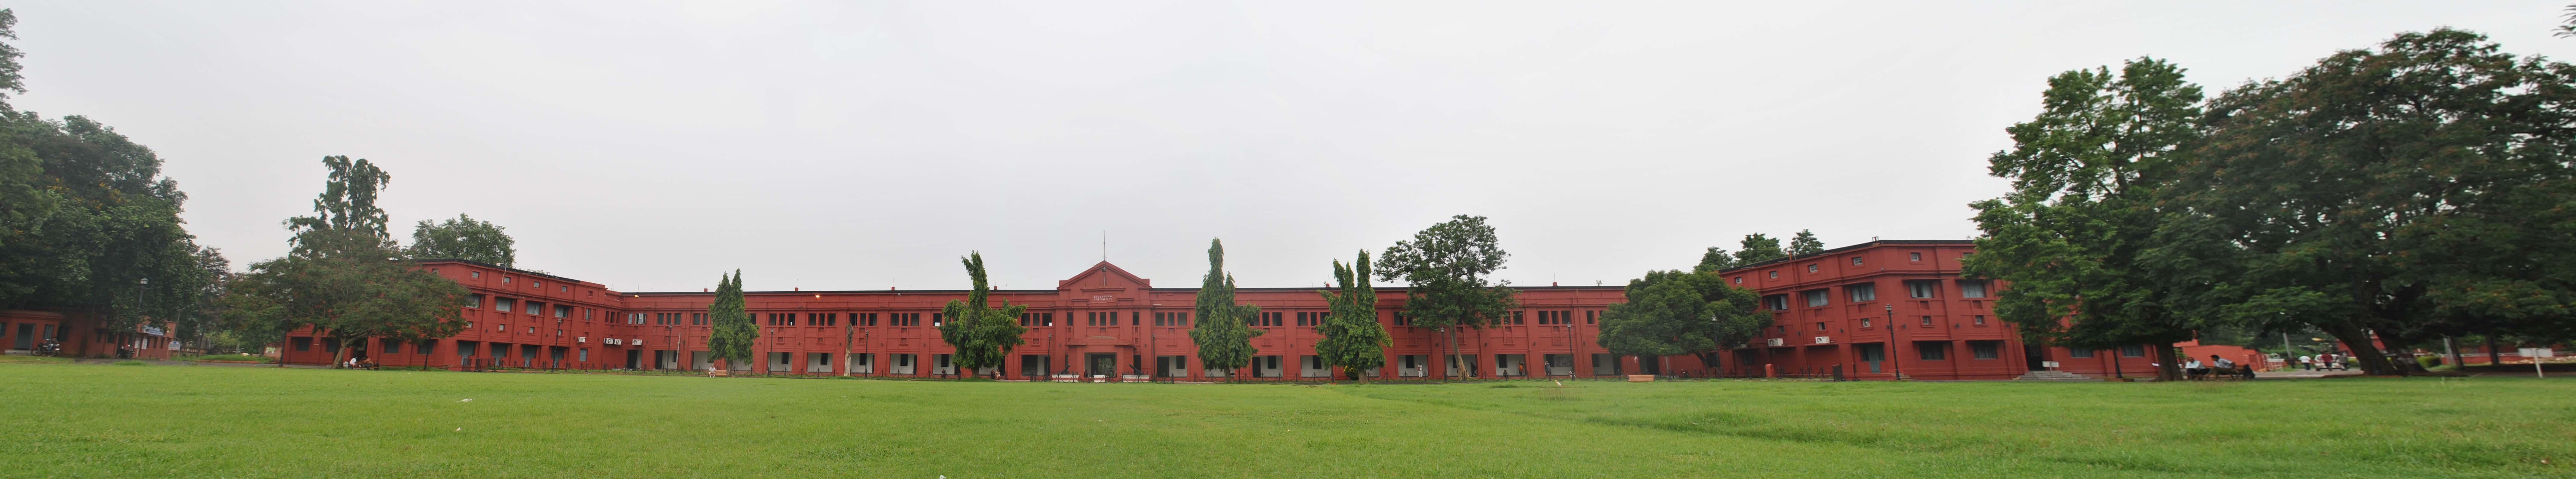 image of Ravenshaw University